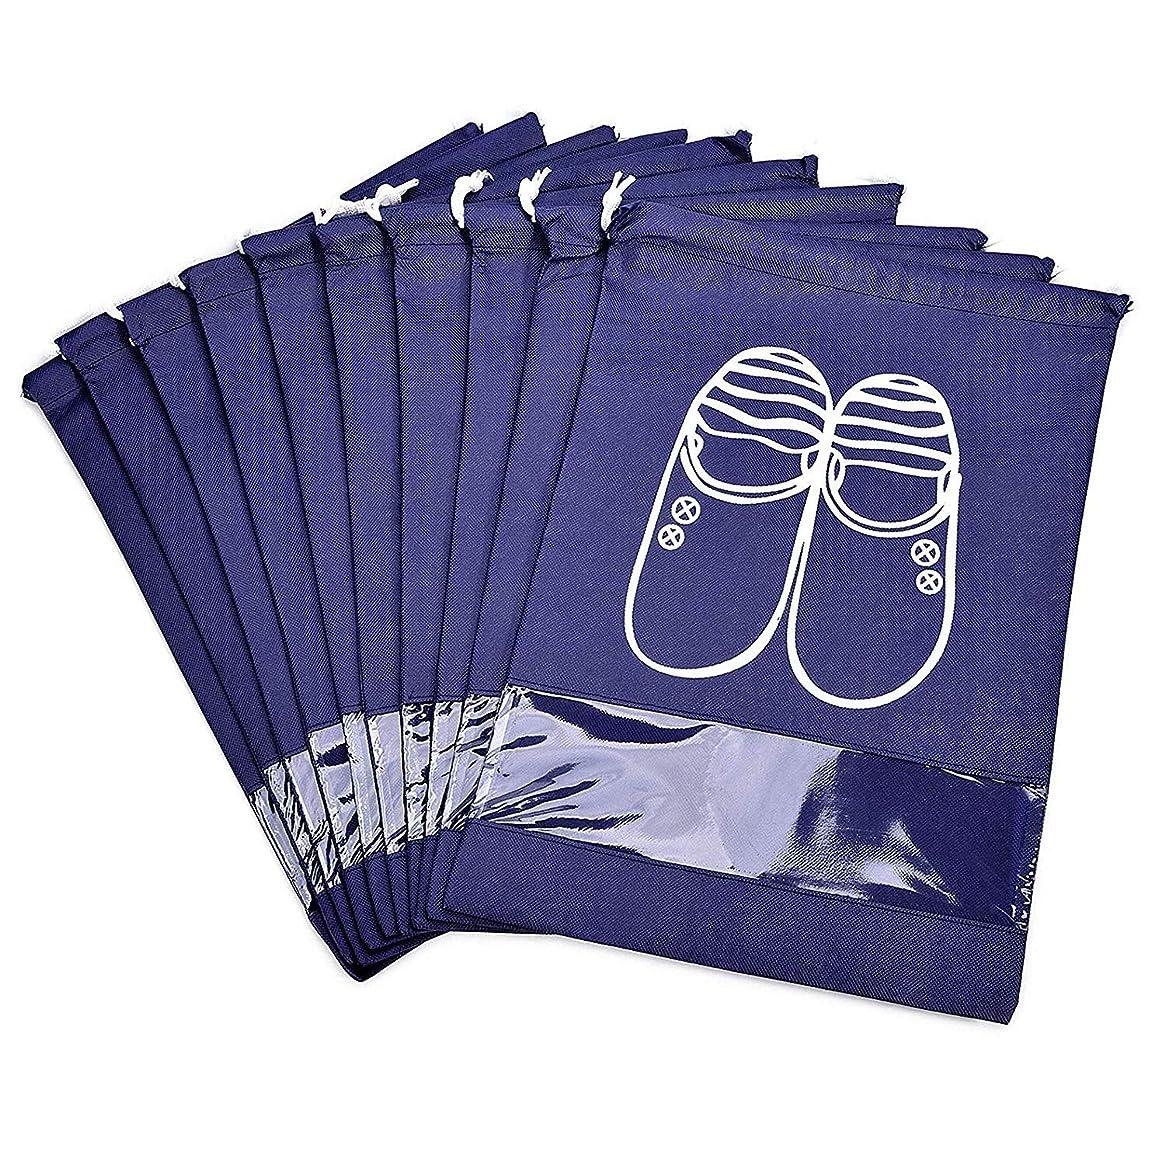 キャベツ名詞ミケランジェロRETYLY 男性と女性用ポータブル旅行靴バッグ防塵シューオーガナイザー耐水省スペース収納袋ネイビー(10個)